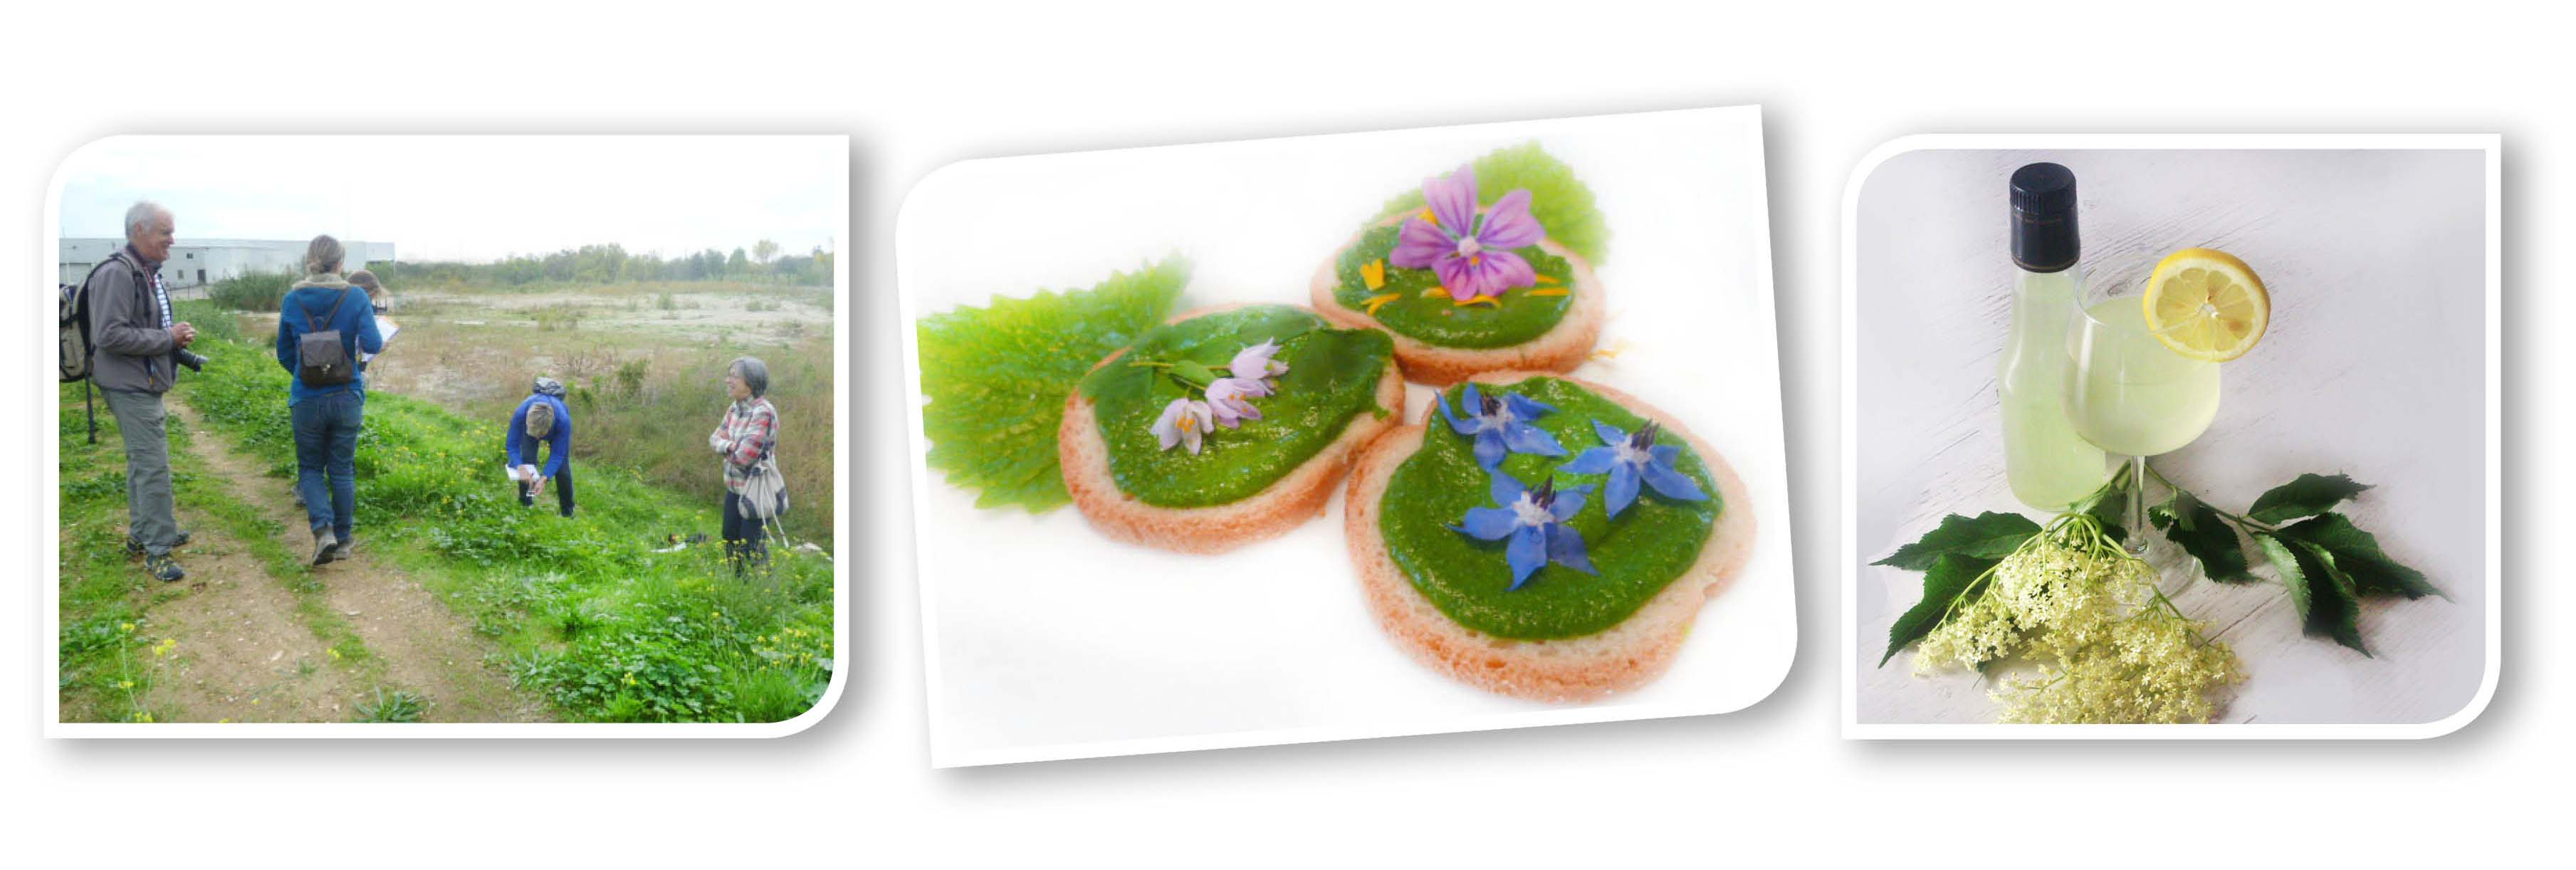 FRISE WEB 07 10 repas.jpg